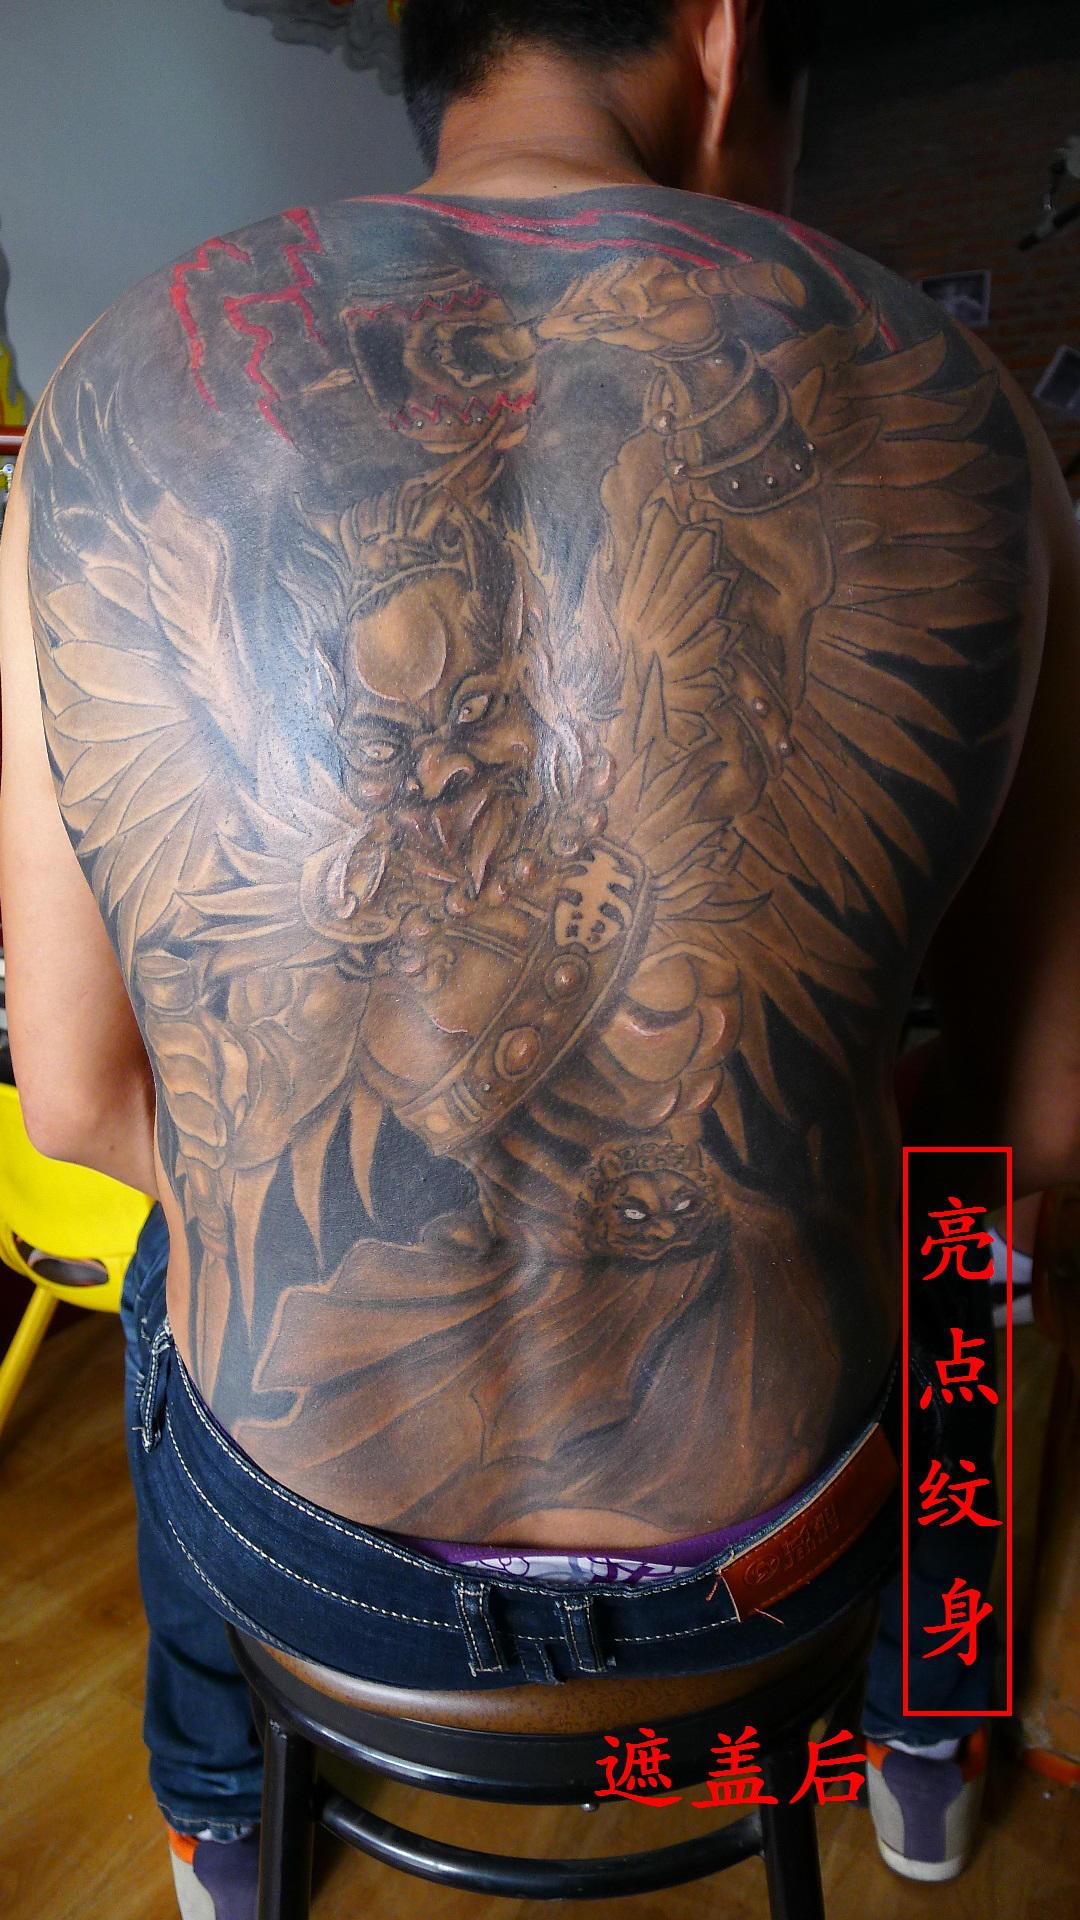 八面佛纹身图片